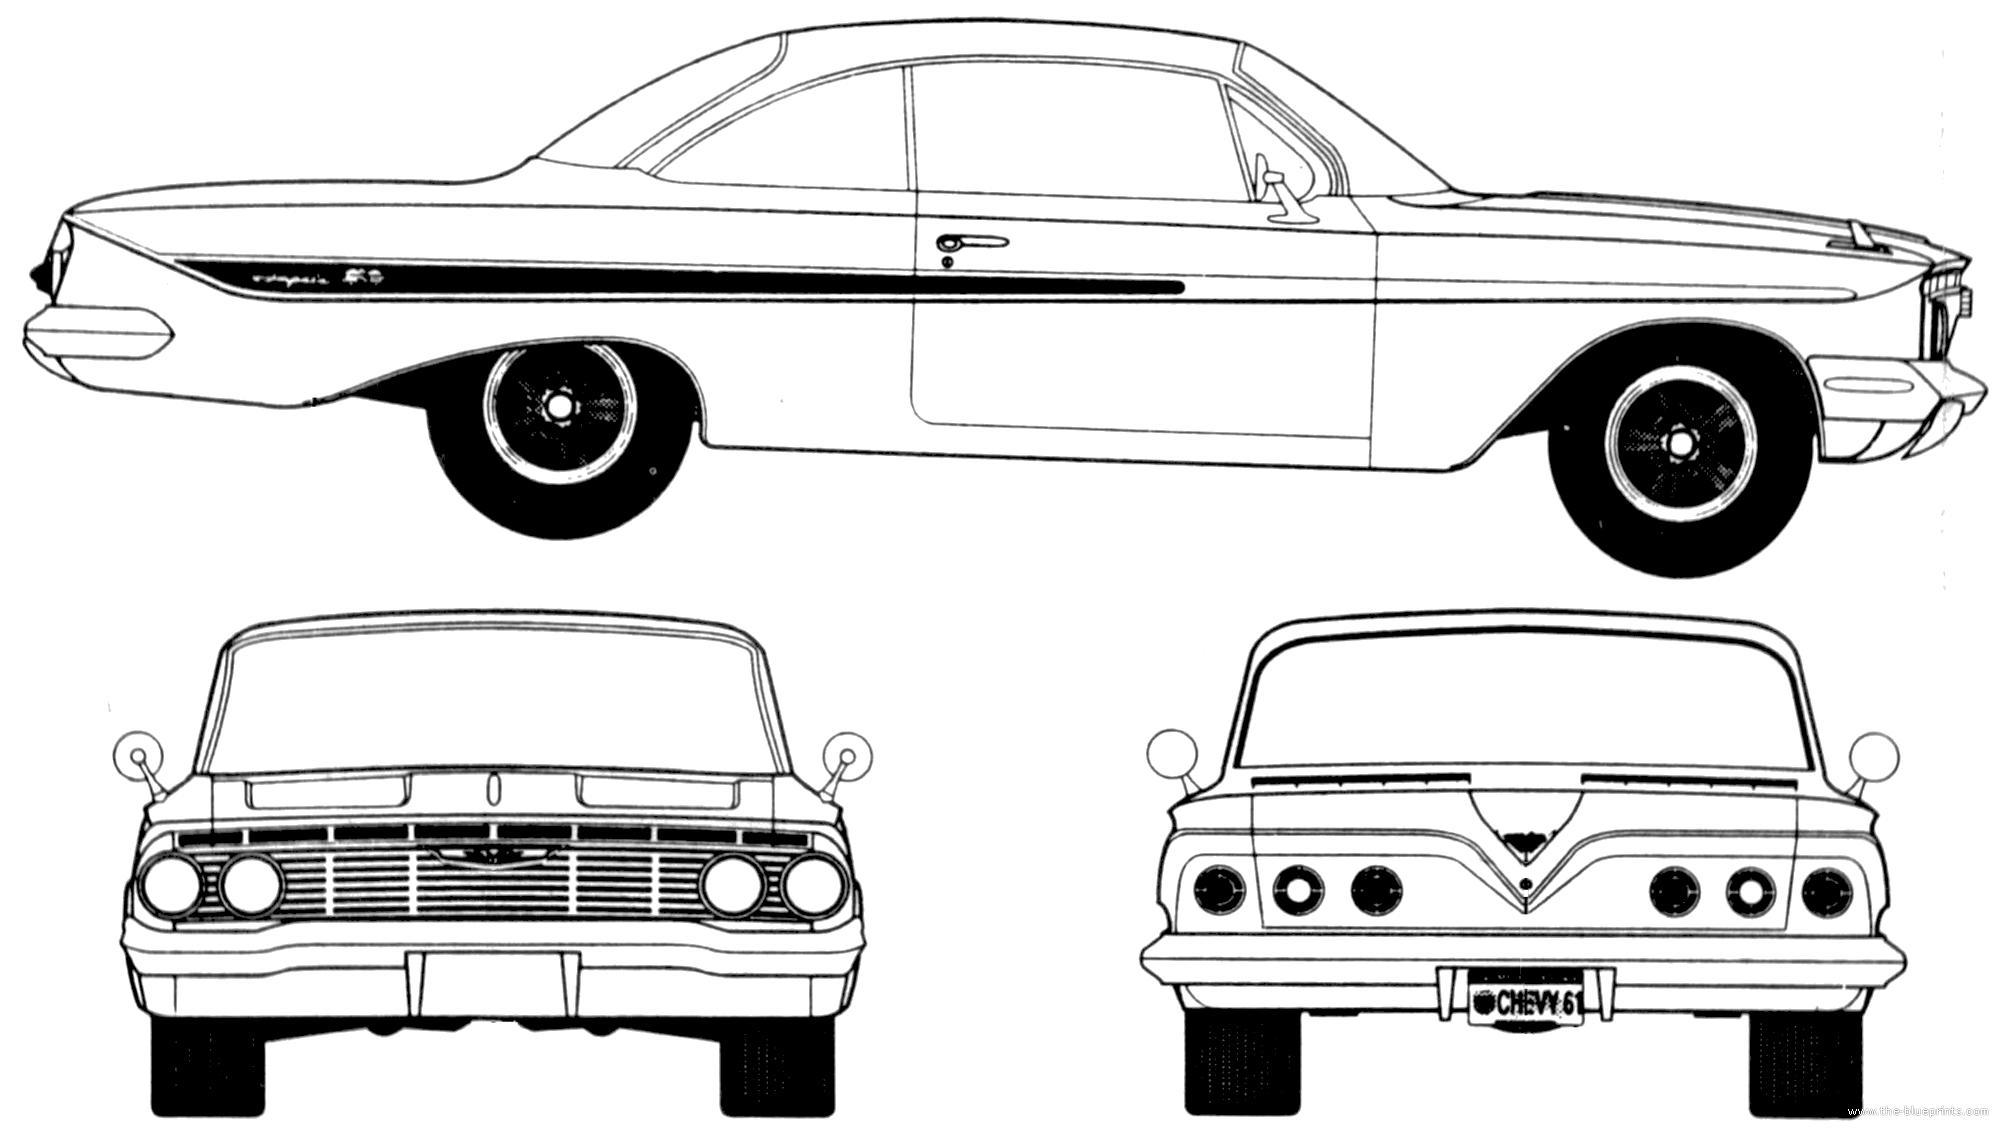 Blueprints Gt Cars Gt Chevrolet Gt Chevrolet Impala Sport Coupe